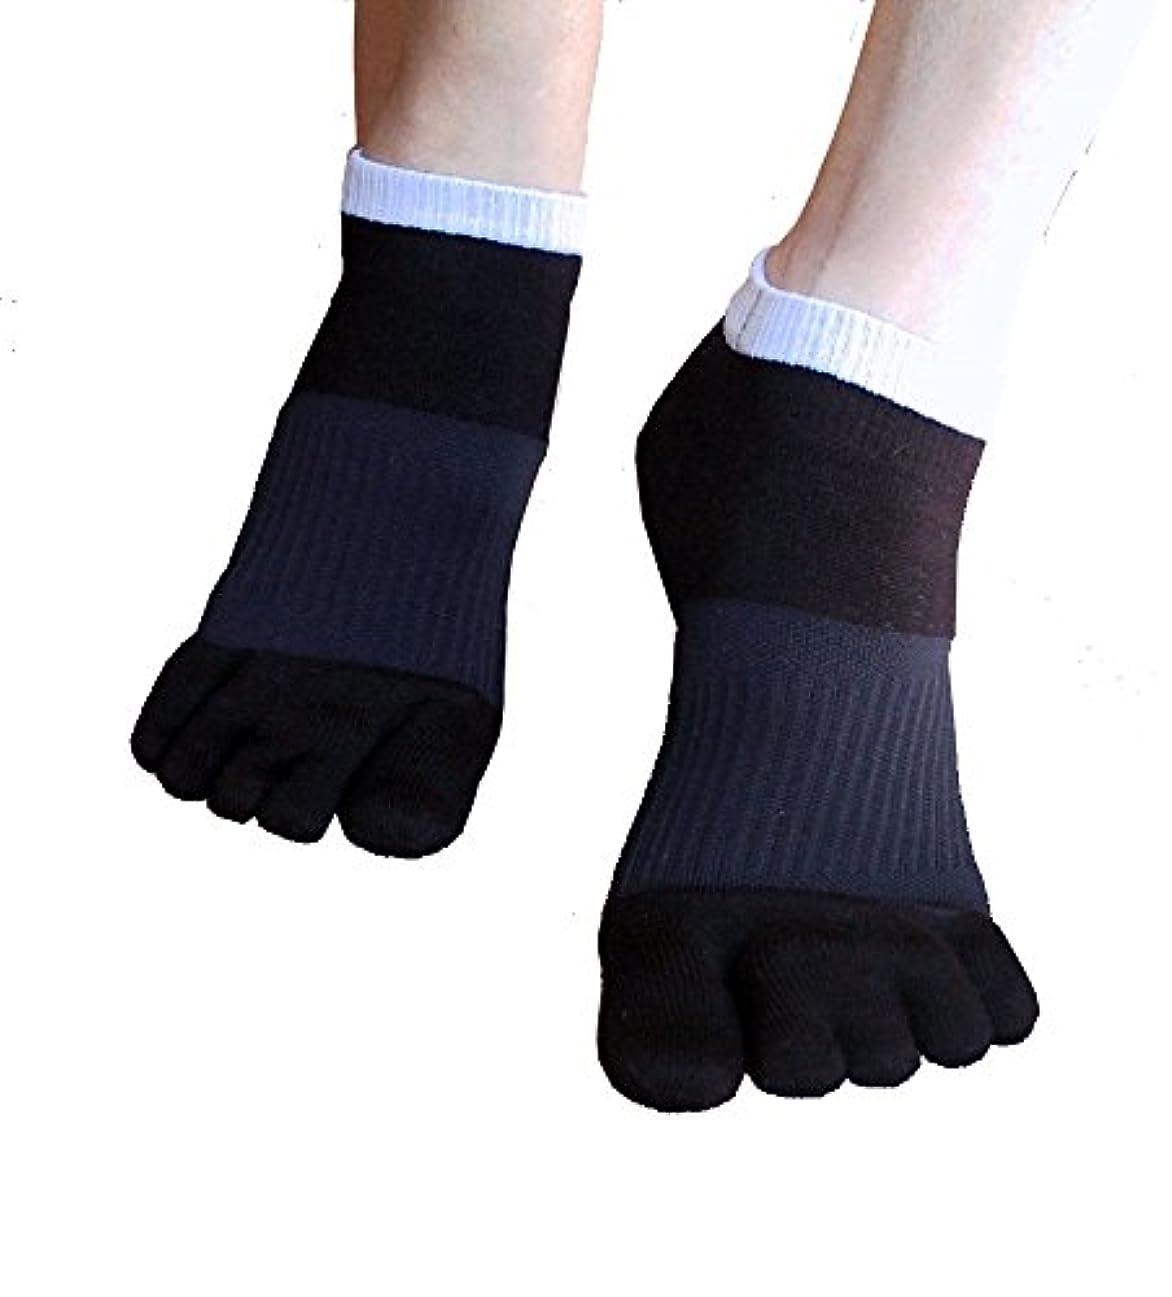 終点精通したモロニック外反母趾対策 ふしぎな5本指テーピング靴下 スニーカータイプ 22-24cm?ブラック(色は2色、サイズは3サイズ)